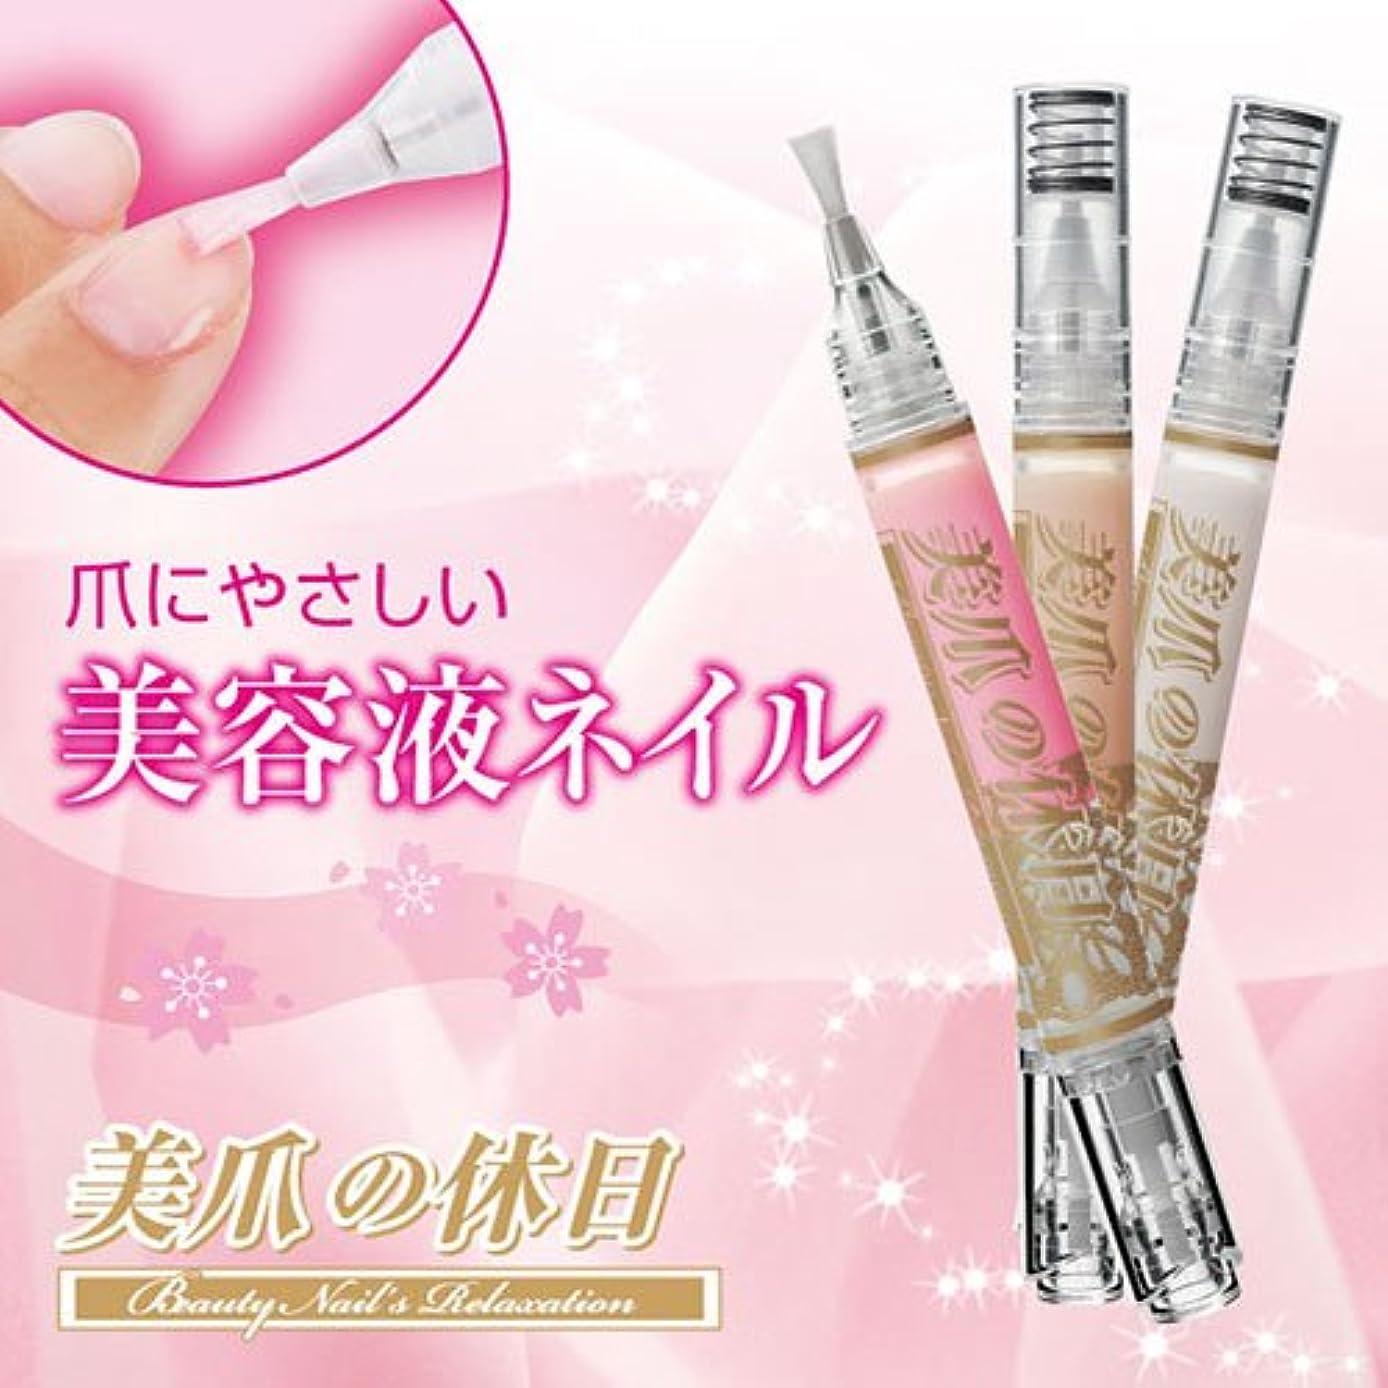 ロケット領収書うまれた美爪の休日 ウォーターベースネイル ほんのりピンク 2.5ml